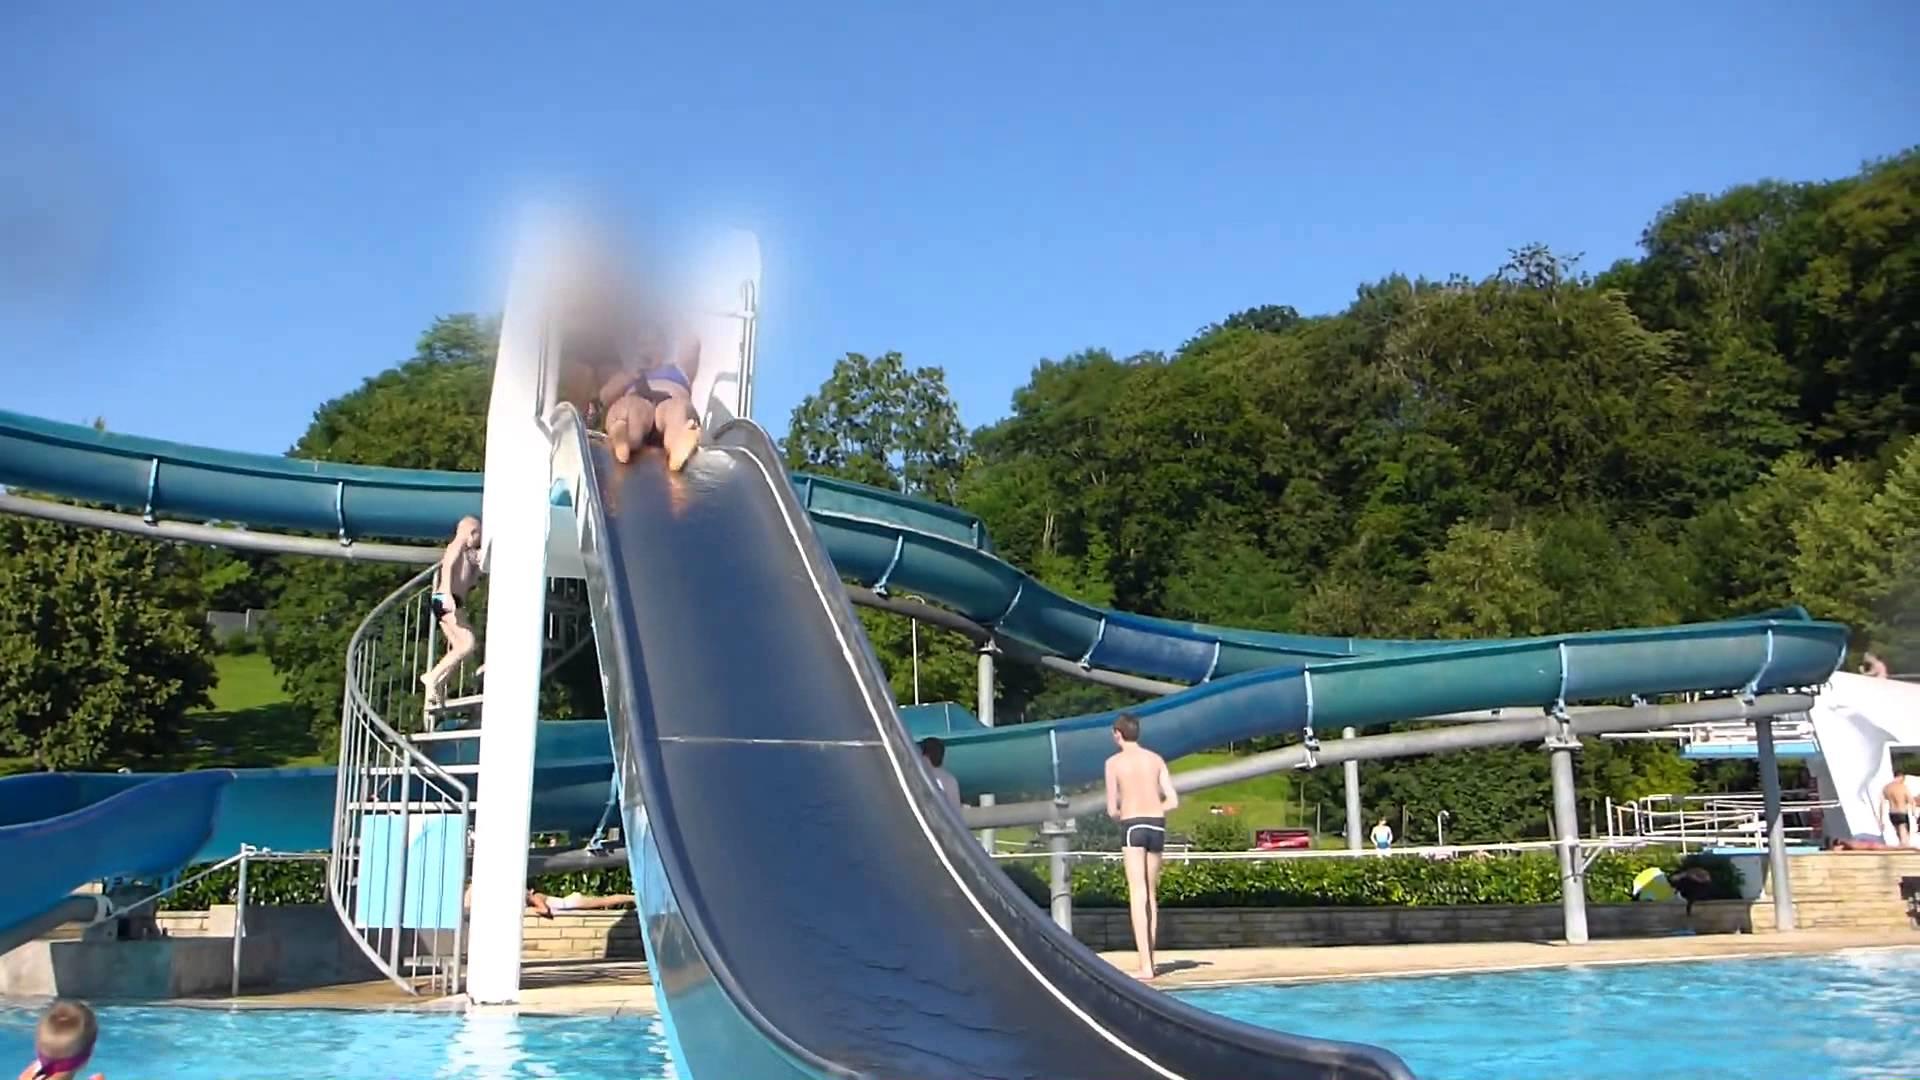 Freizeit- und Familienbad Müllheim - Beckenrutsche Onride